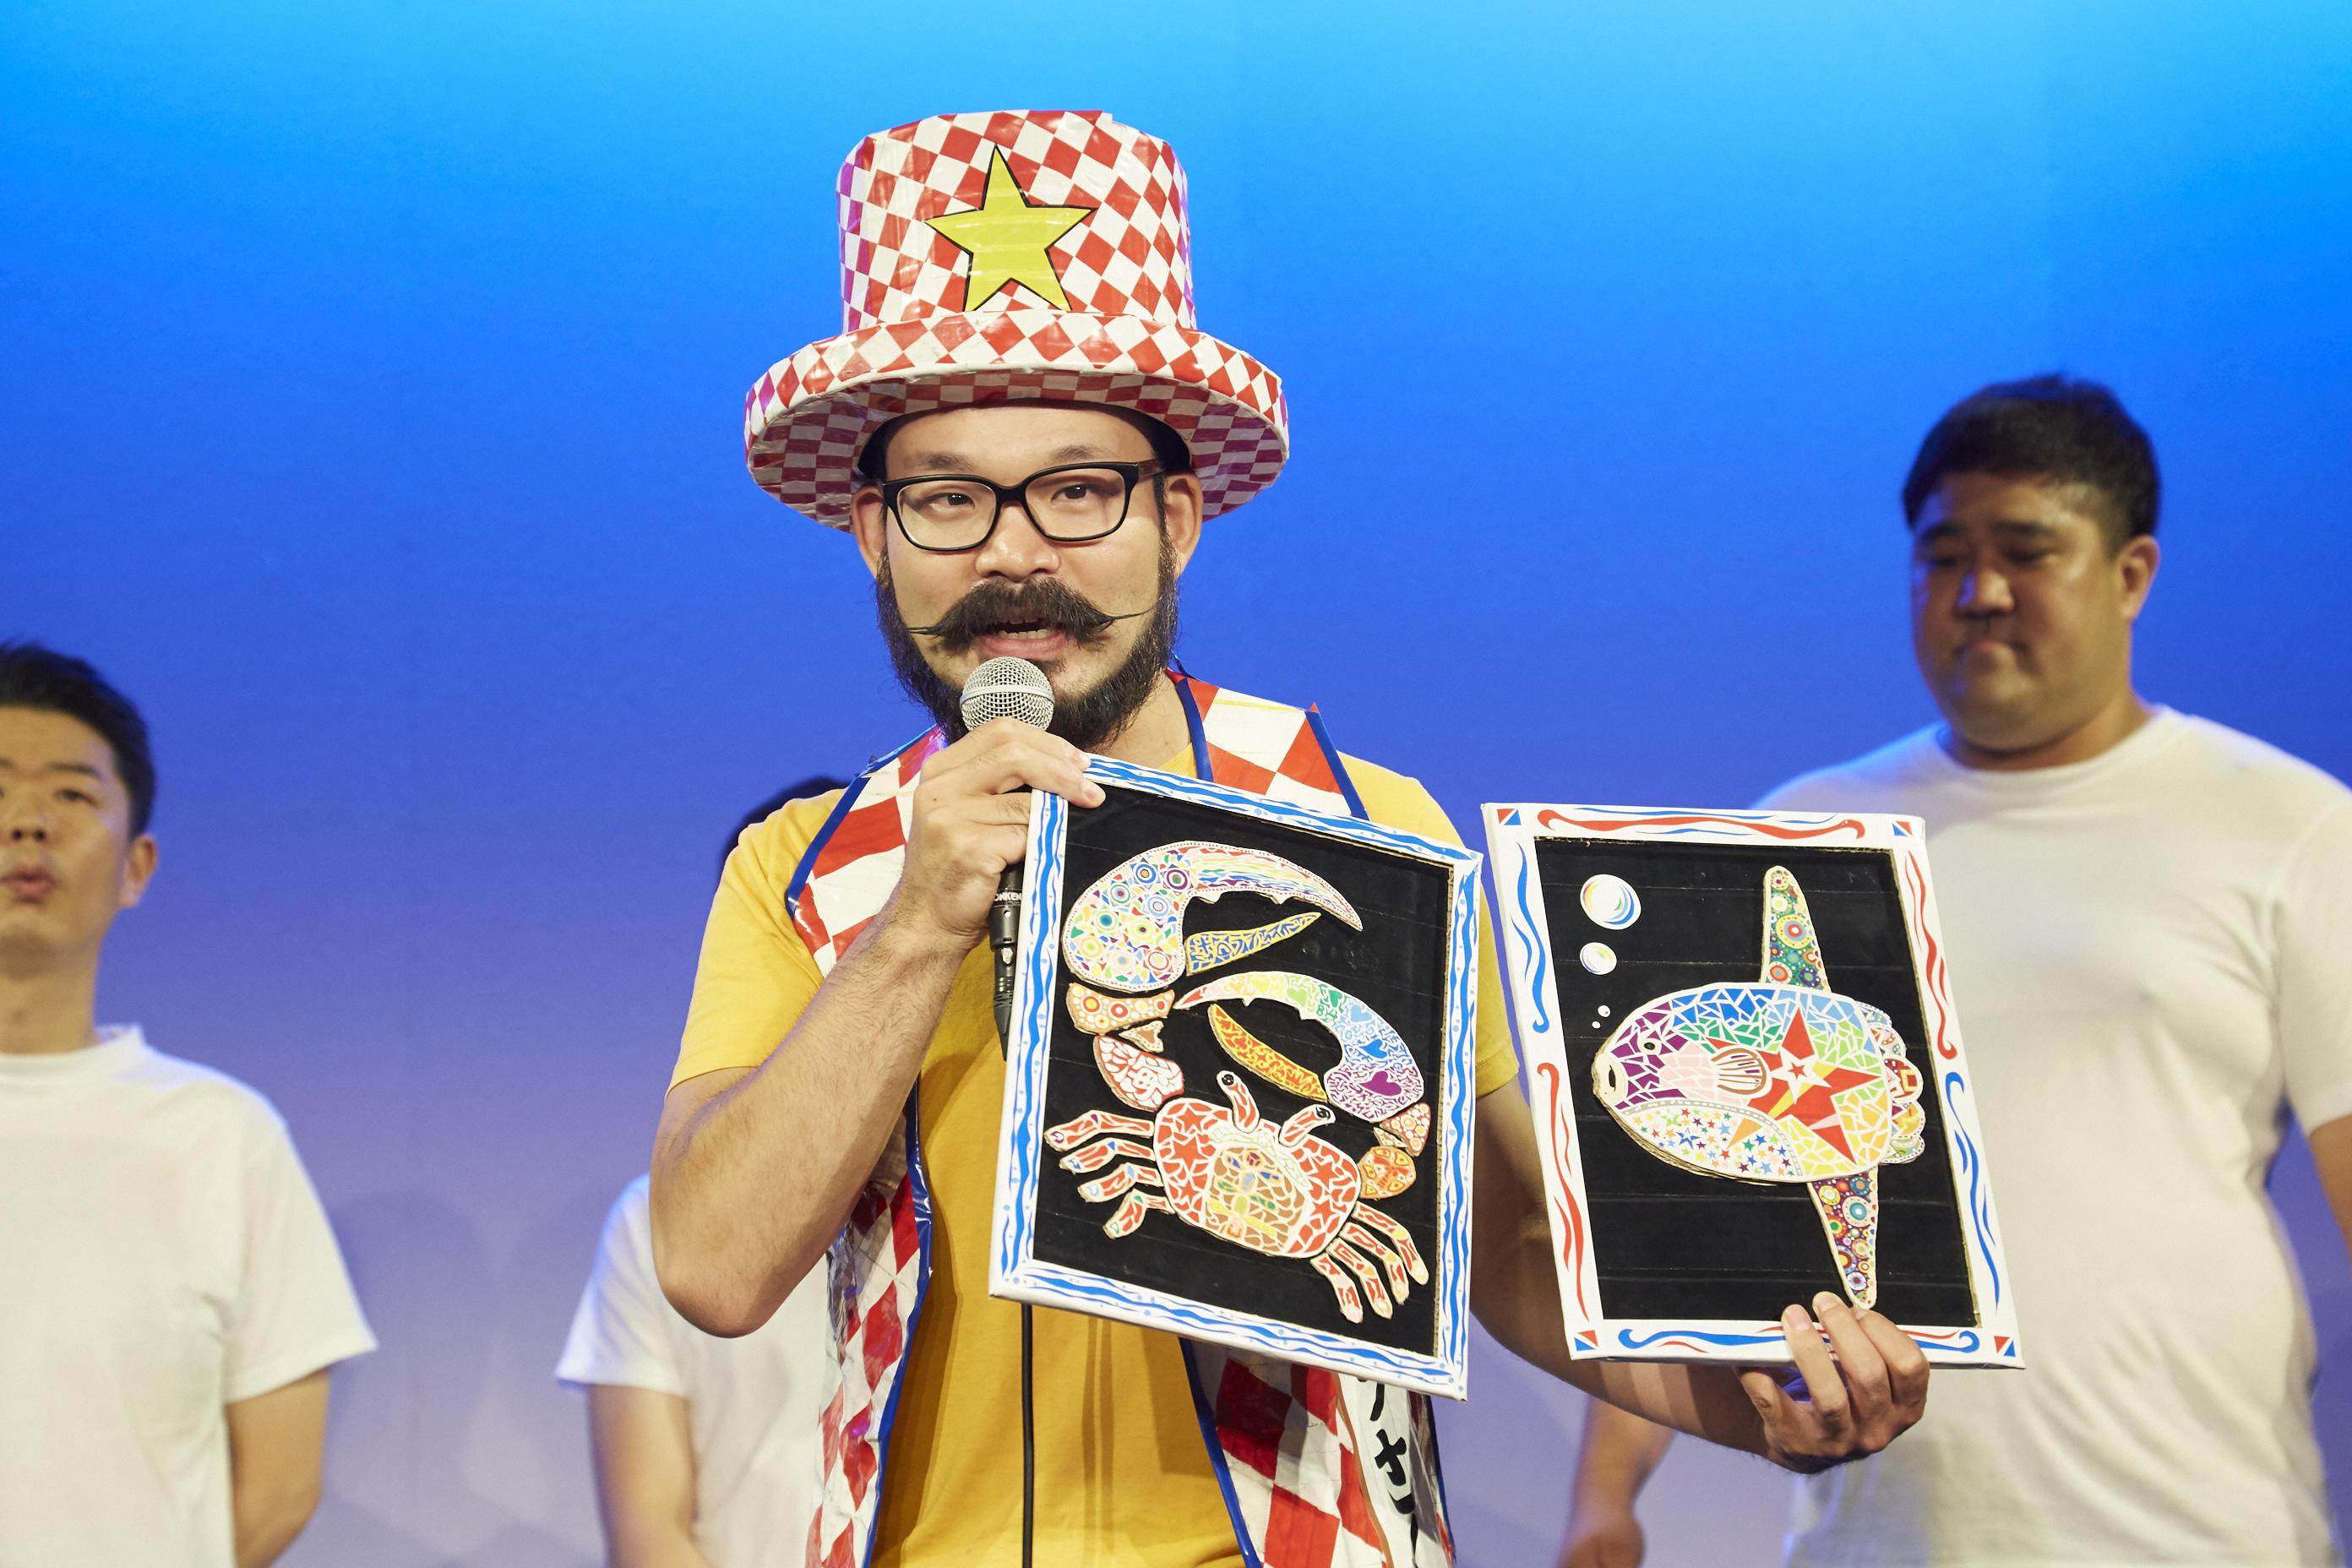 http://news.yoshimoto.co.jp/20180711200956-dd16d55b4fbf0d5a216c5a82c3f13da962ef9a17.jpg